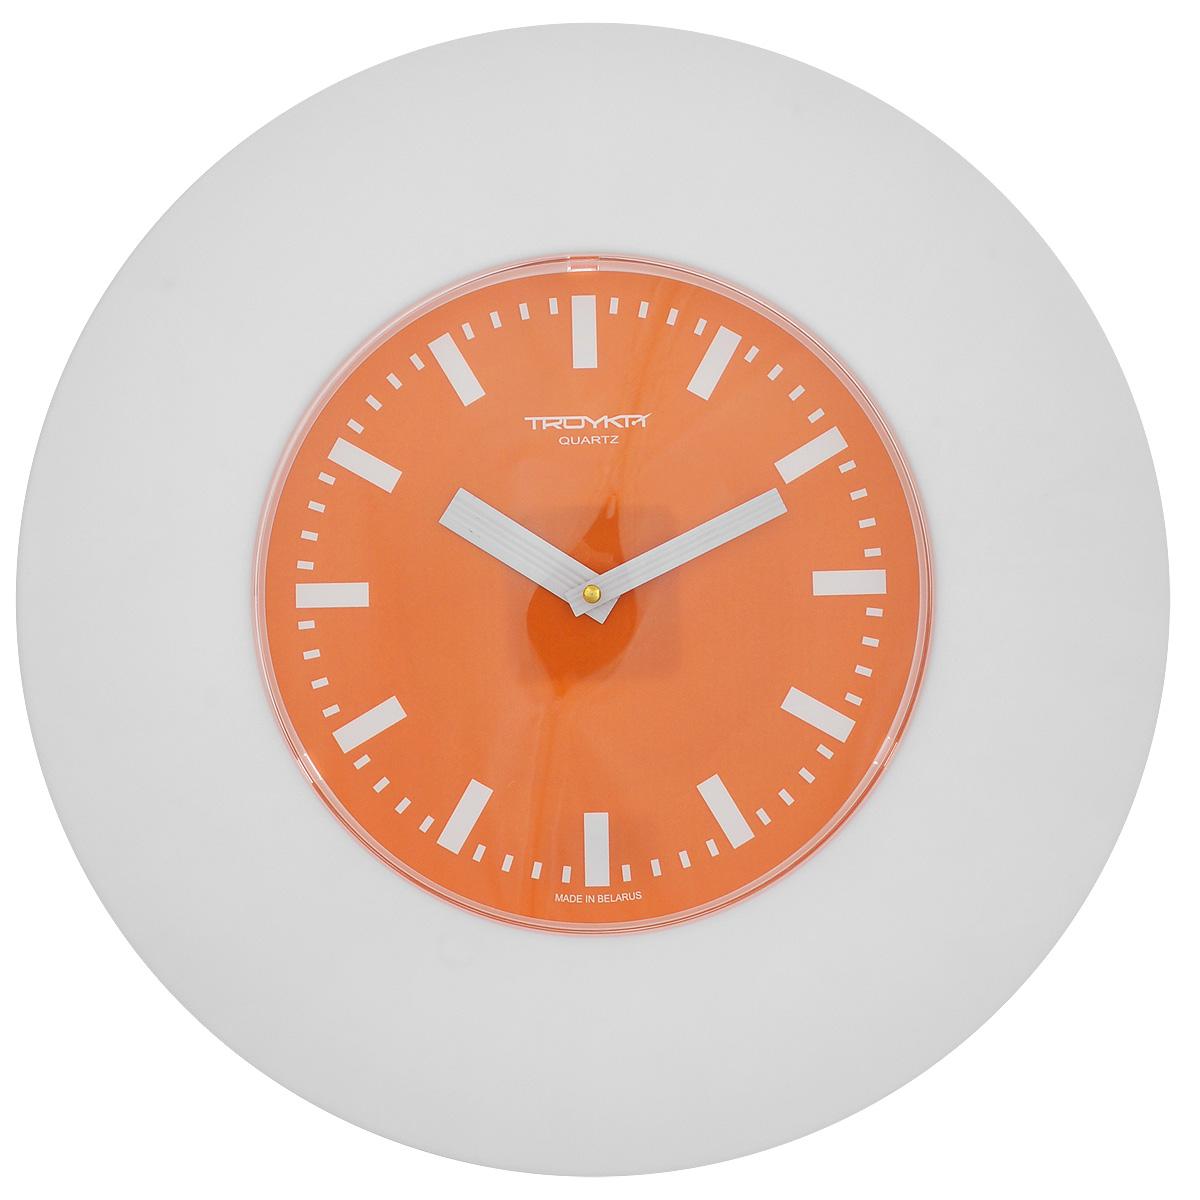 Часы настенные Troyka, цвет: белый, оранжевый. 5555155755551557Настенные кварцевые часы с классическим дизайном Troyka, изготовленные из пластика, прекрасно подойдут под интерьер вашего дома. Круглые часы имеют три стрелки: часовую, минутную и секундную, циферблат защищен прозрачным пластиком. Диаметр часов: 37,5 см. Часы работают от 1 батарейки типа АА напряжением 1,5 В (входит в комплект).